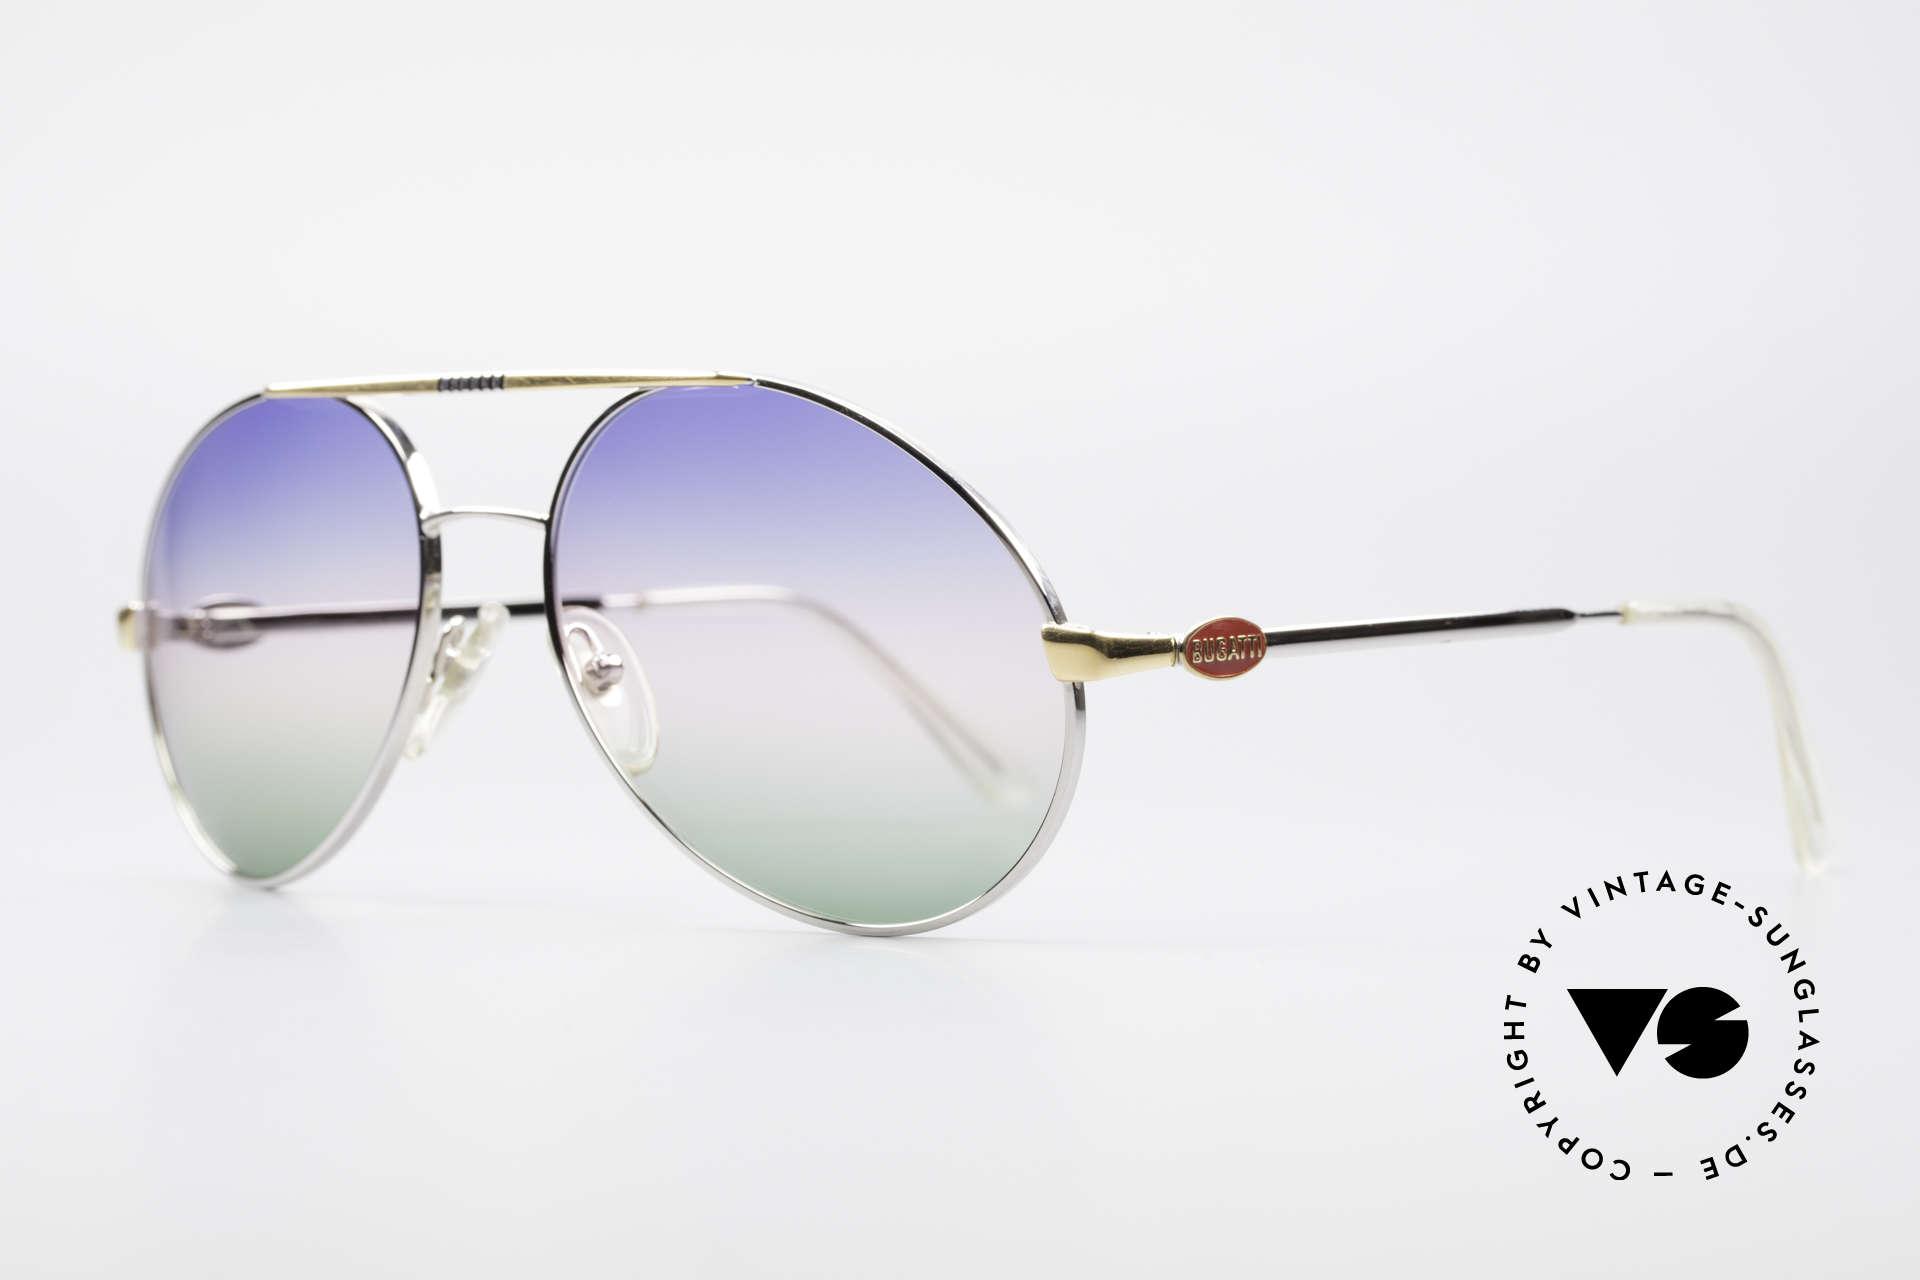 Bugatti 65982 Rare Vintage 80er Sonnenbrille, grandiose Kombination von Rahmen & Gläsern, Passend für Herren